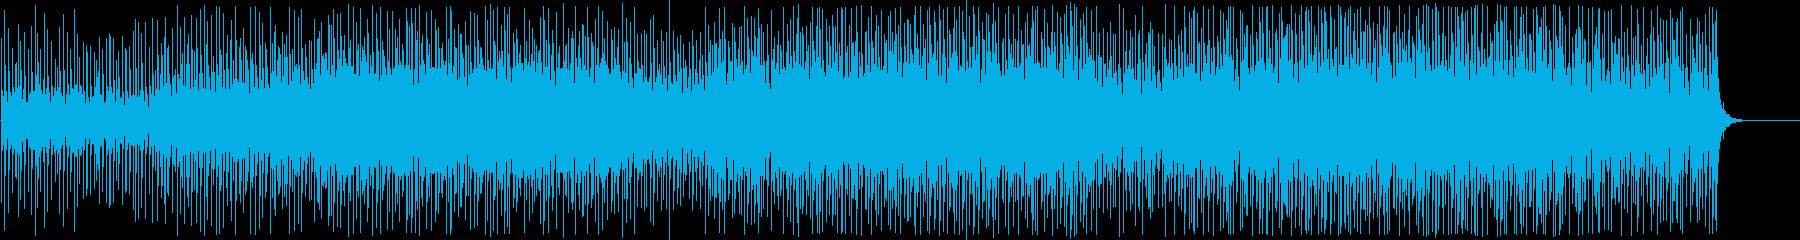 スピード感のあるハウスEDM/ドライブの再生済みの波形